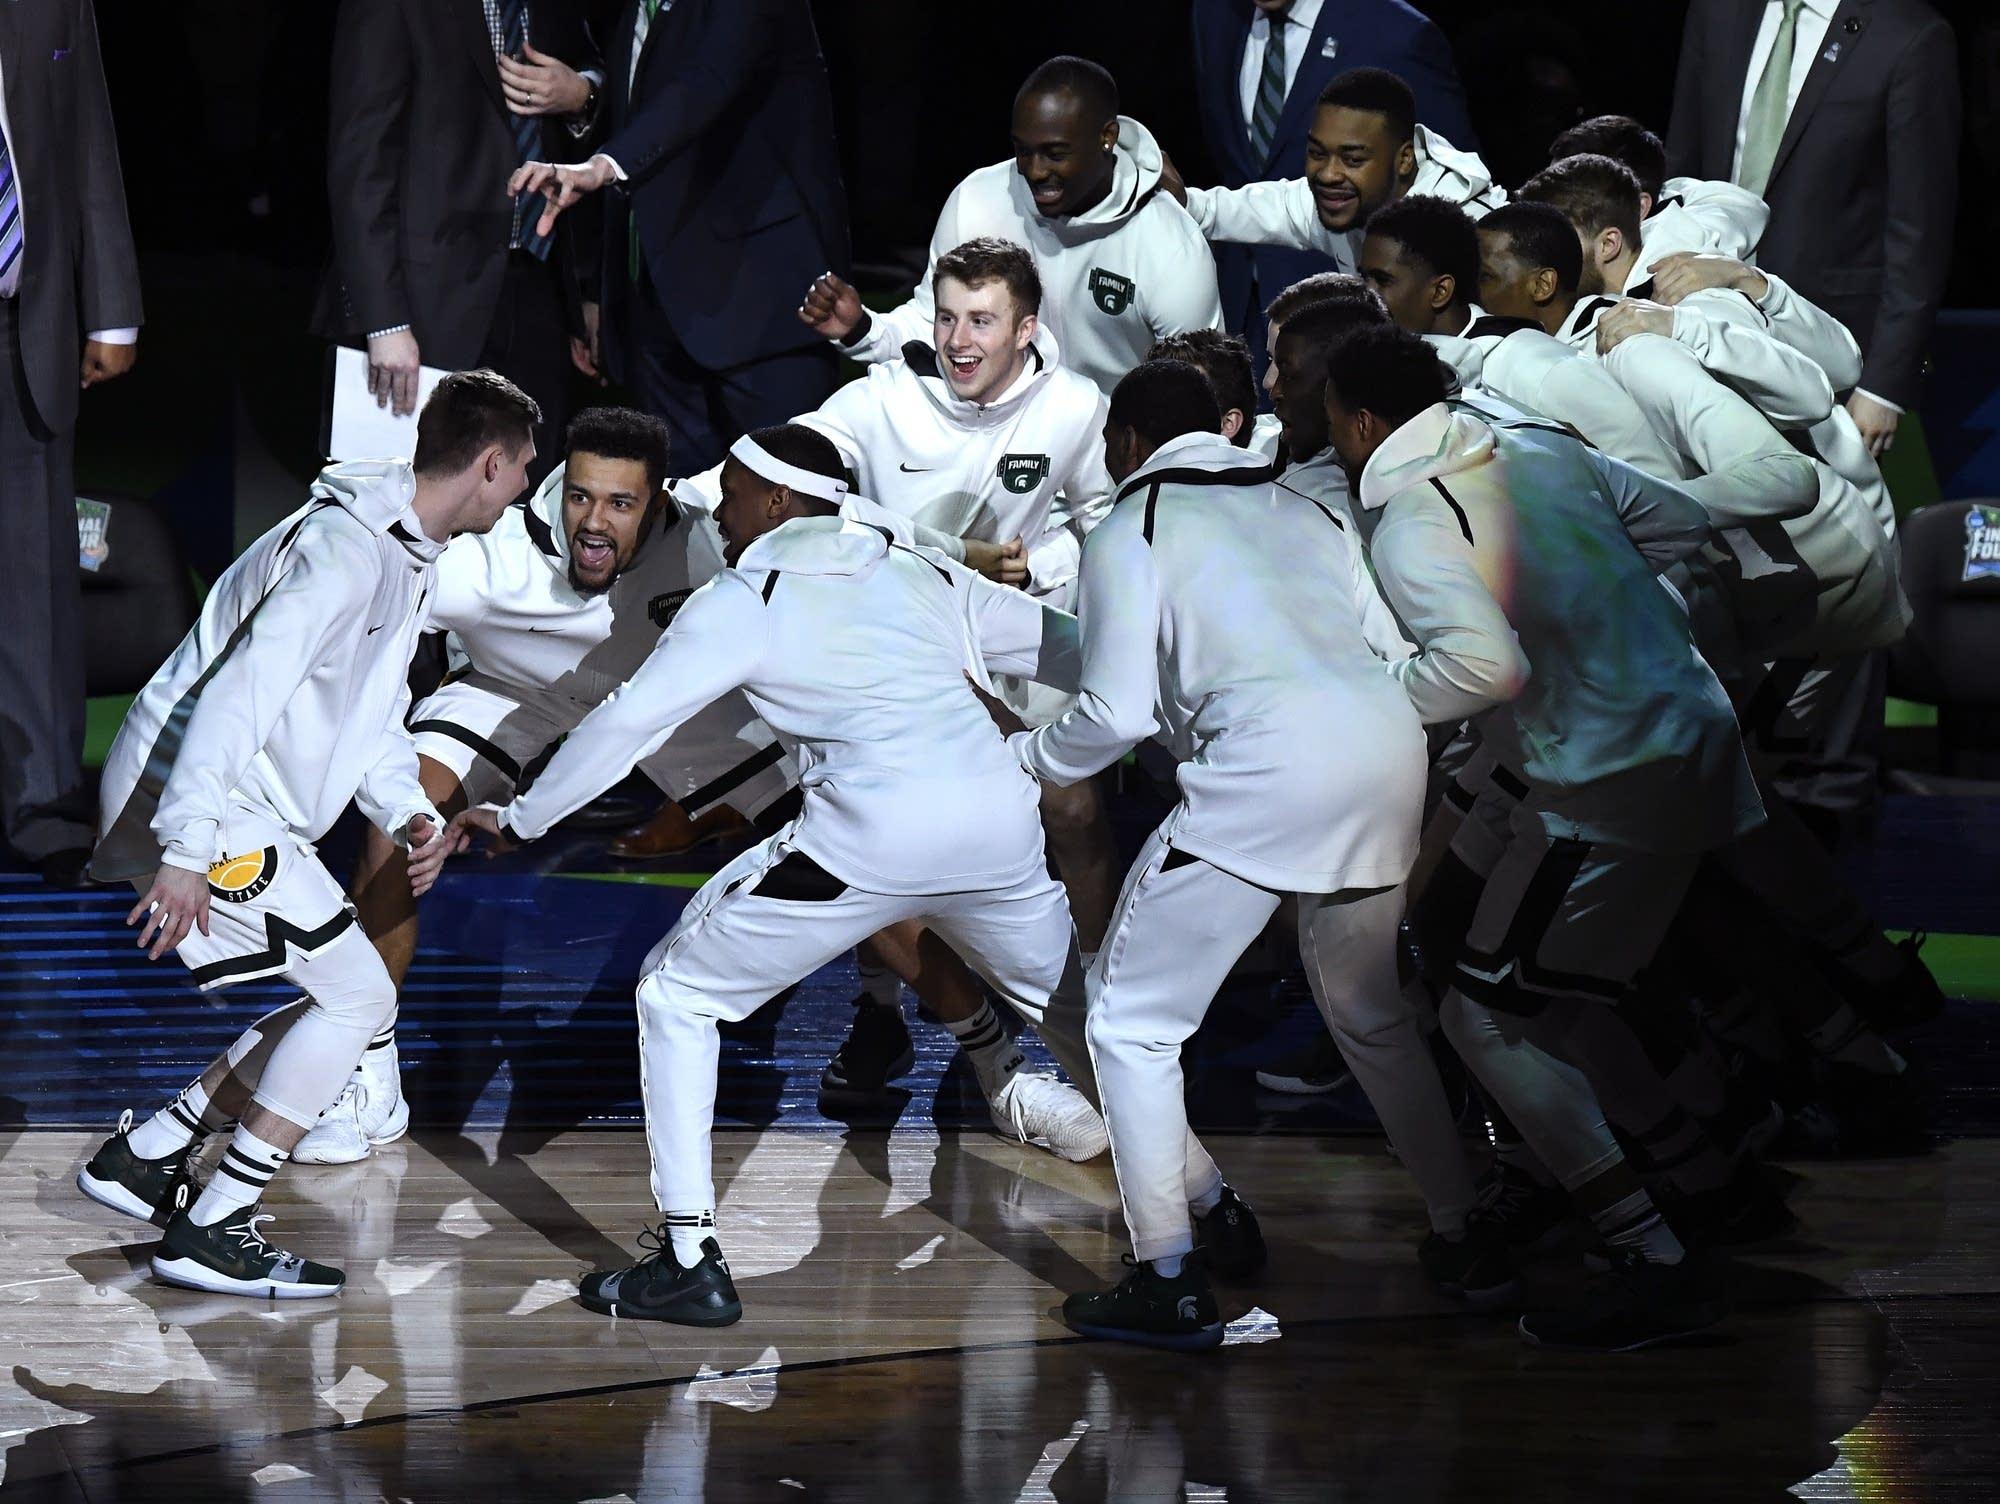 Michigan State players huddle